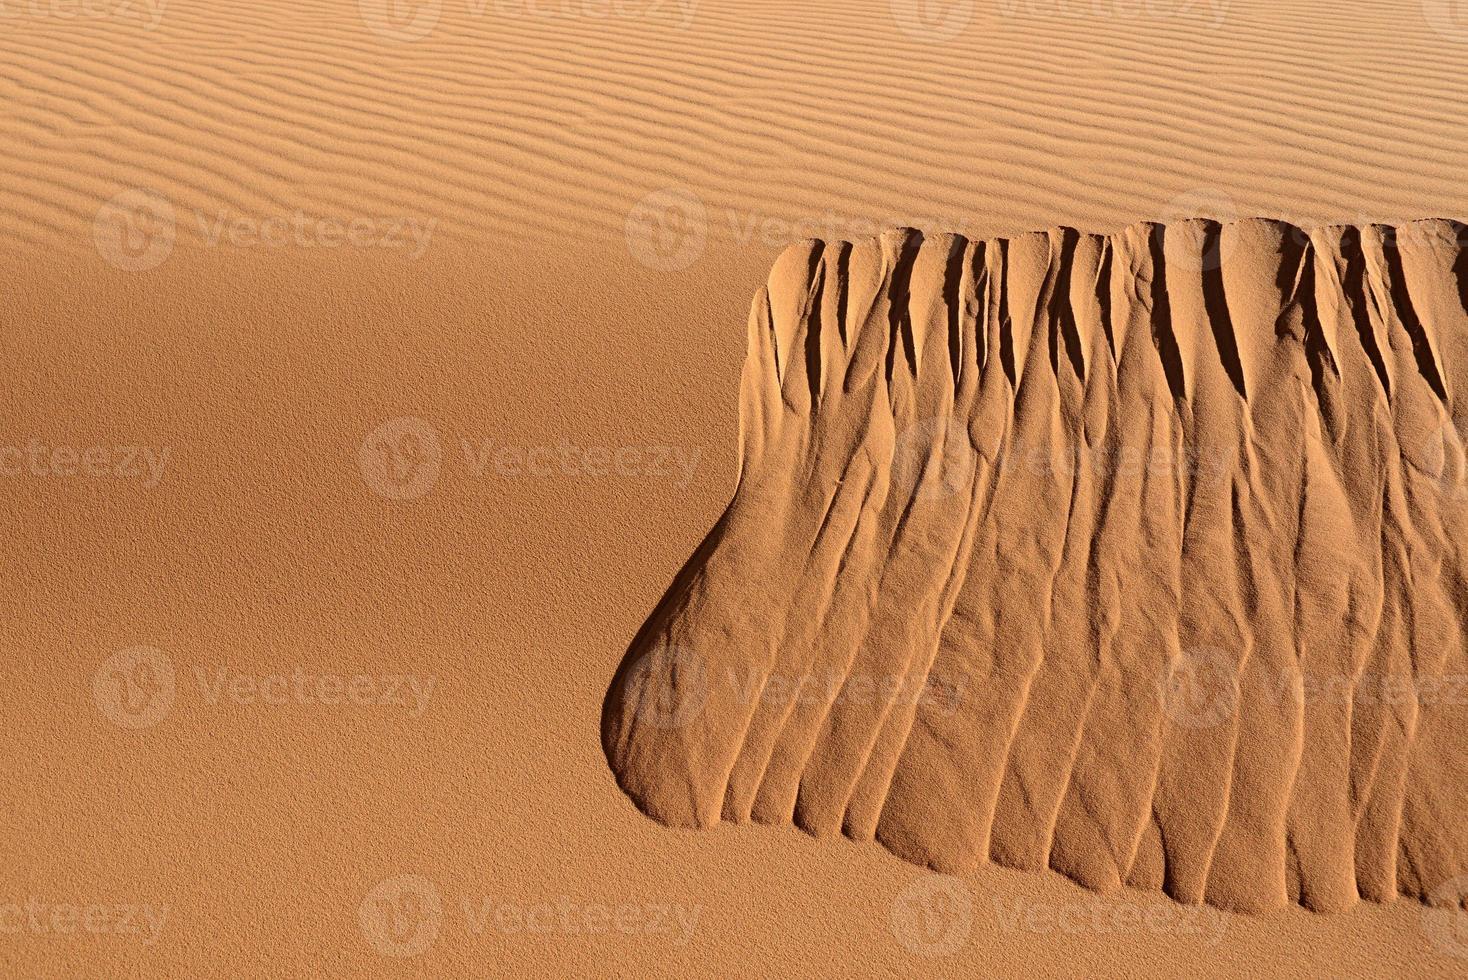 sfondo del deserto foto